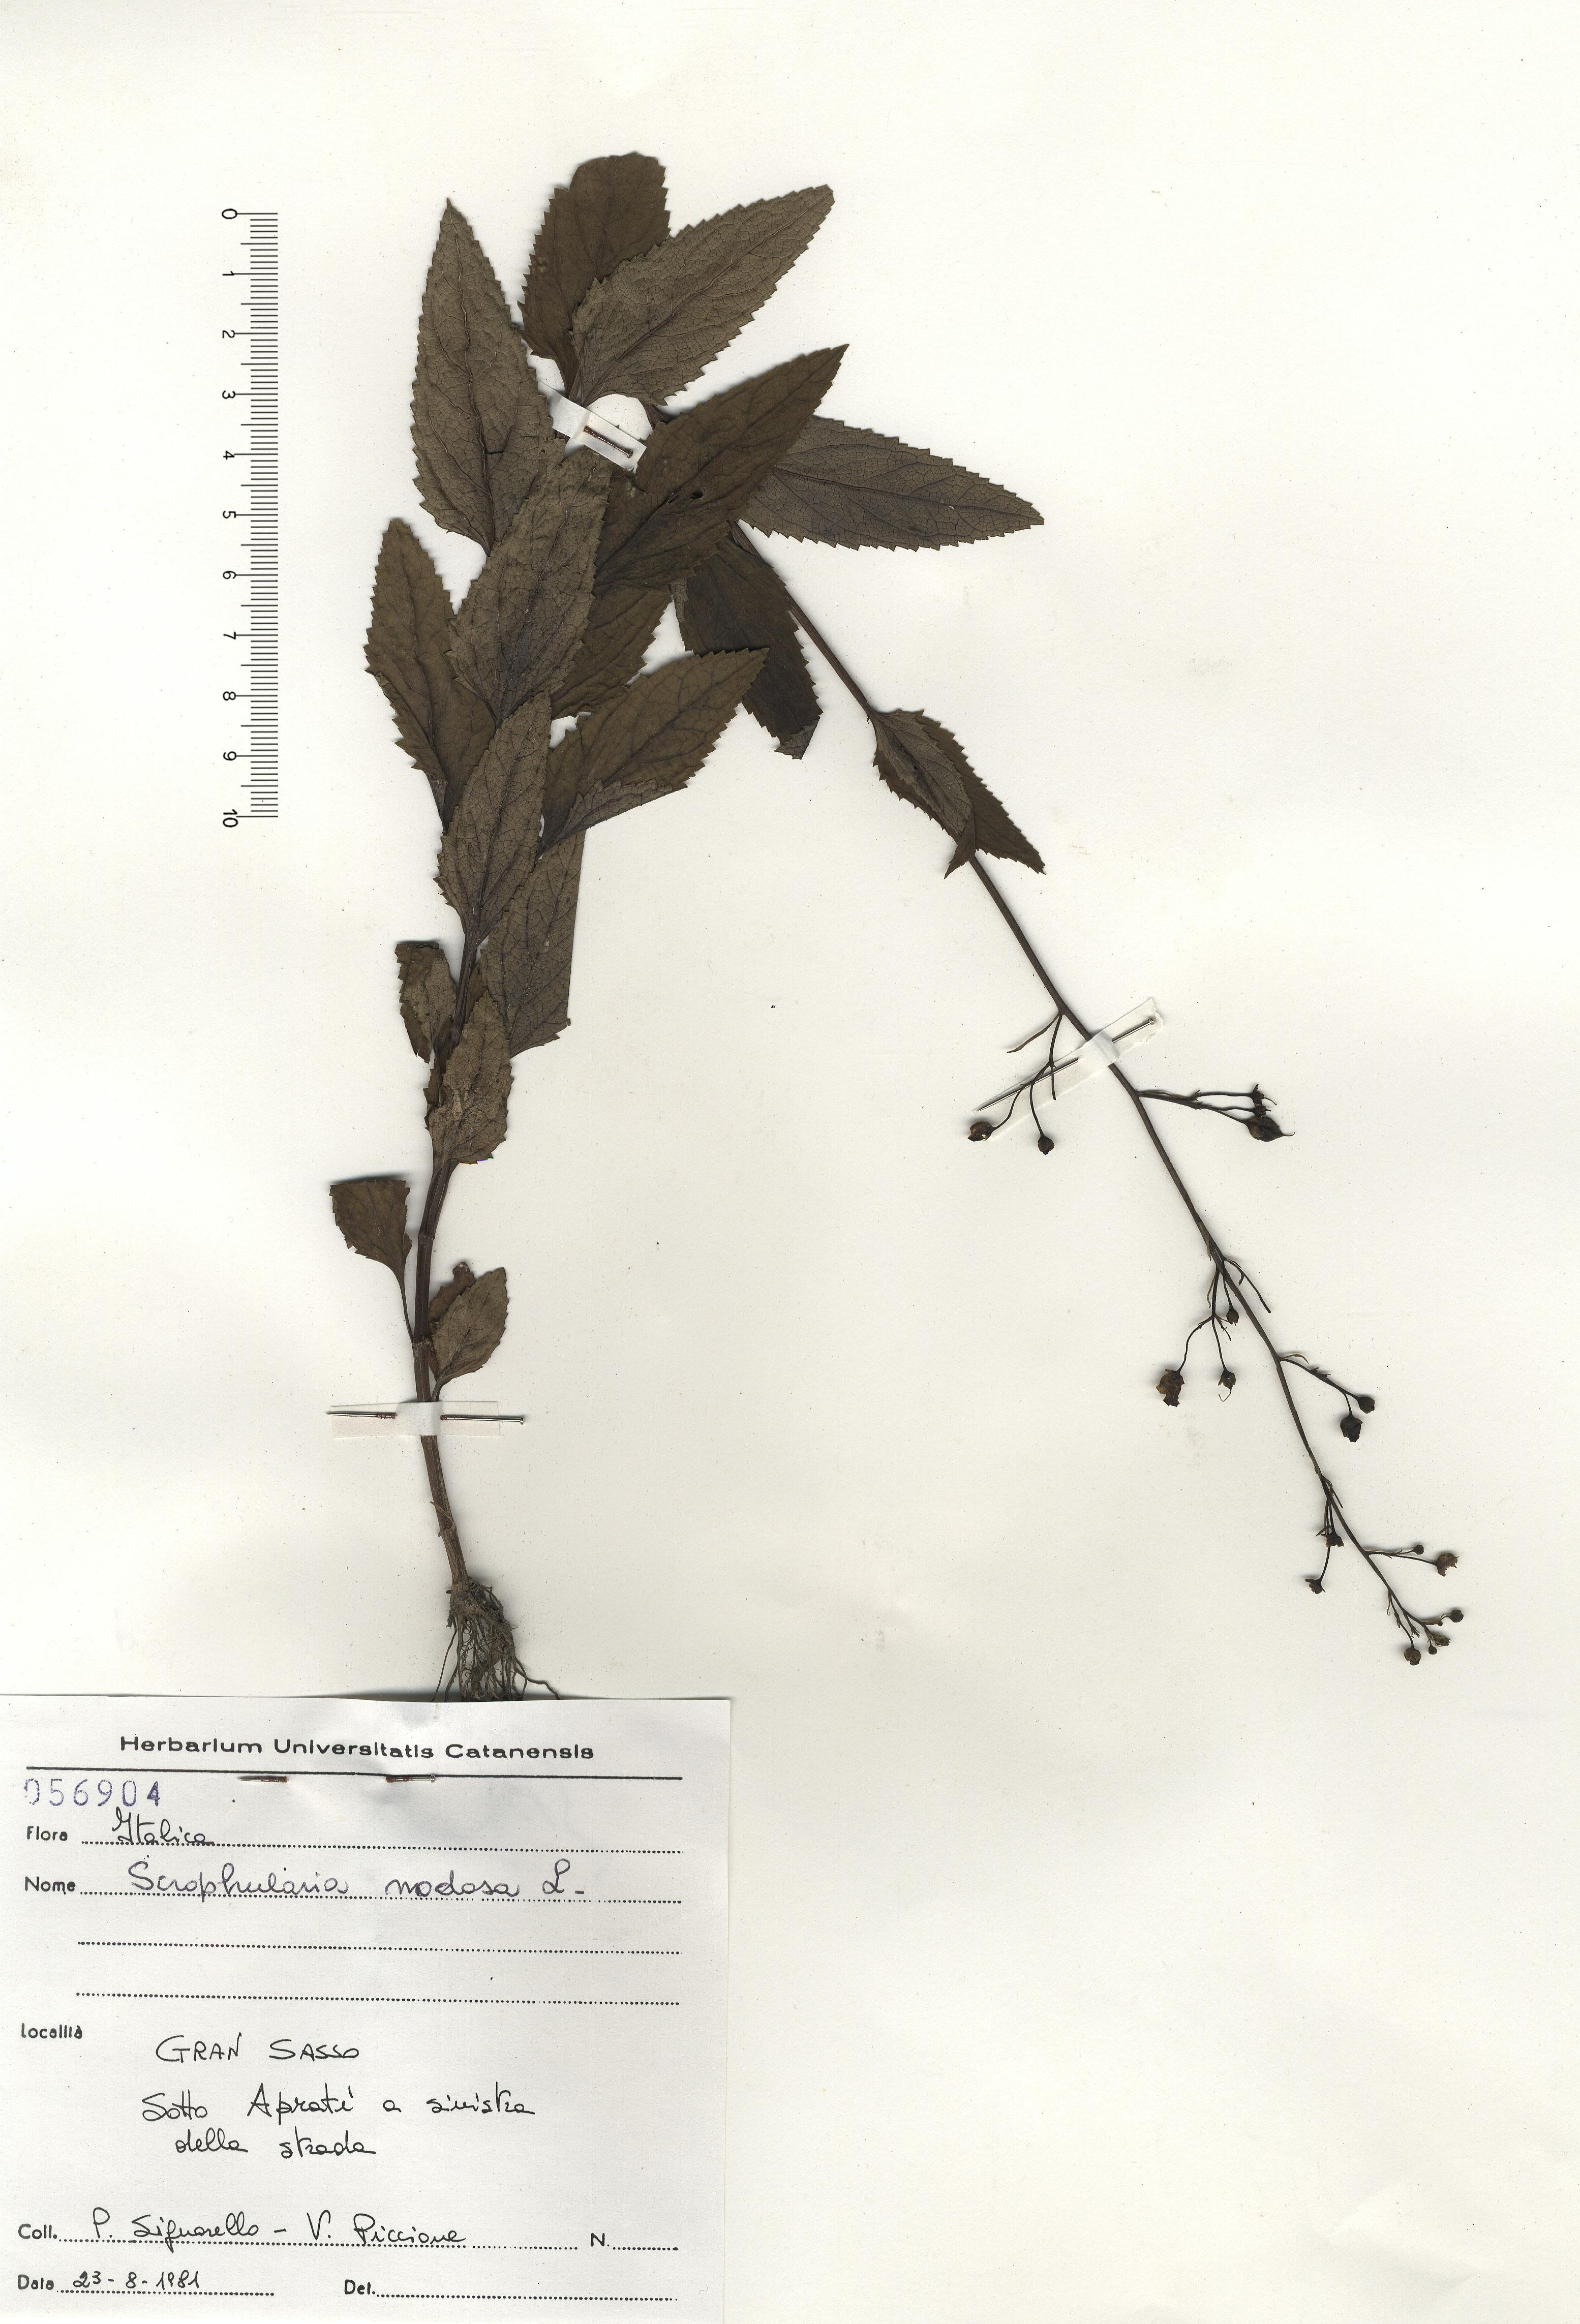 © Hortus  Botanicus Catinensis - Herb. sheet 056904<br>